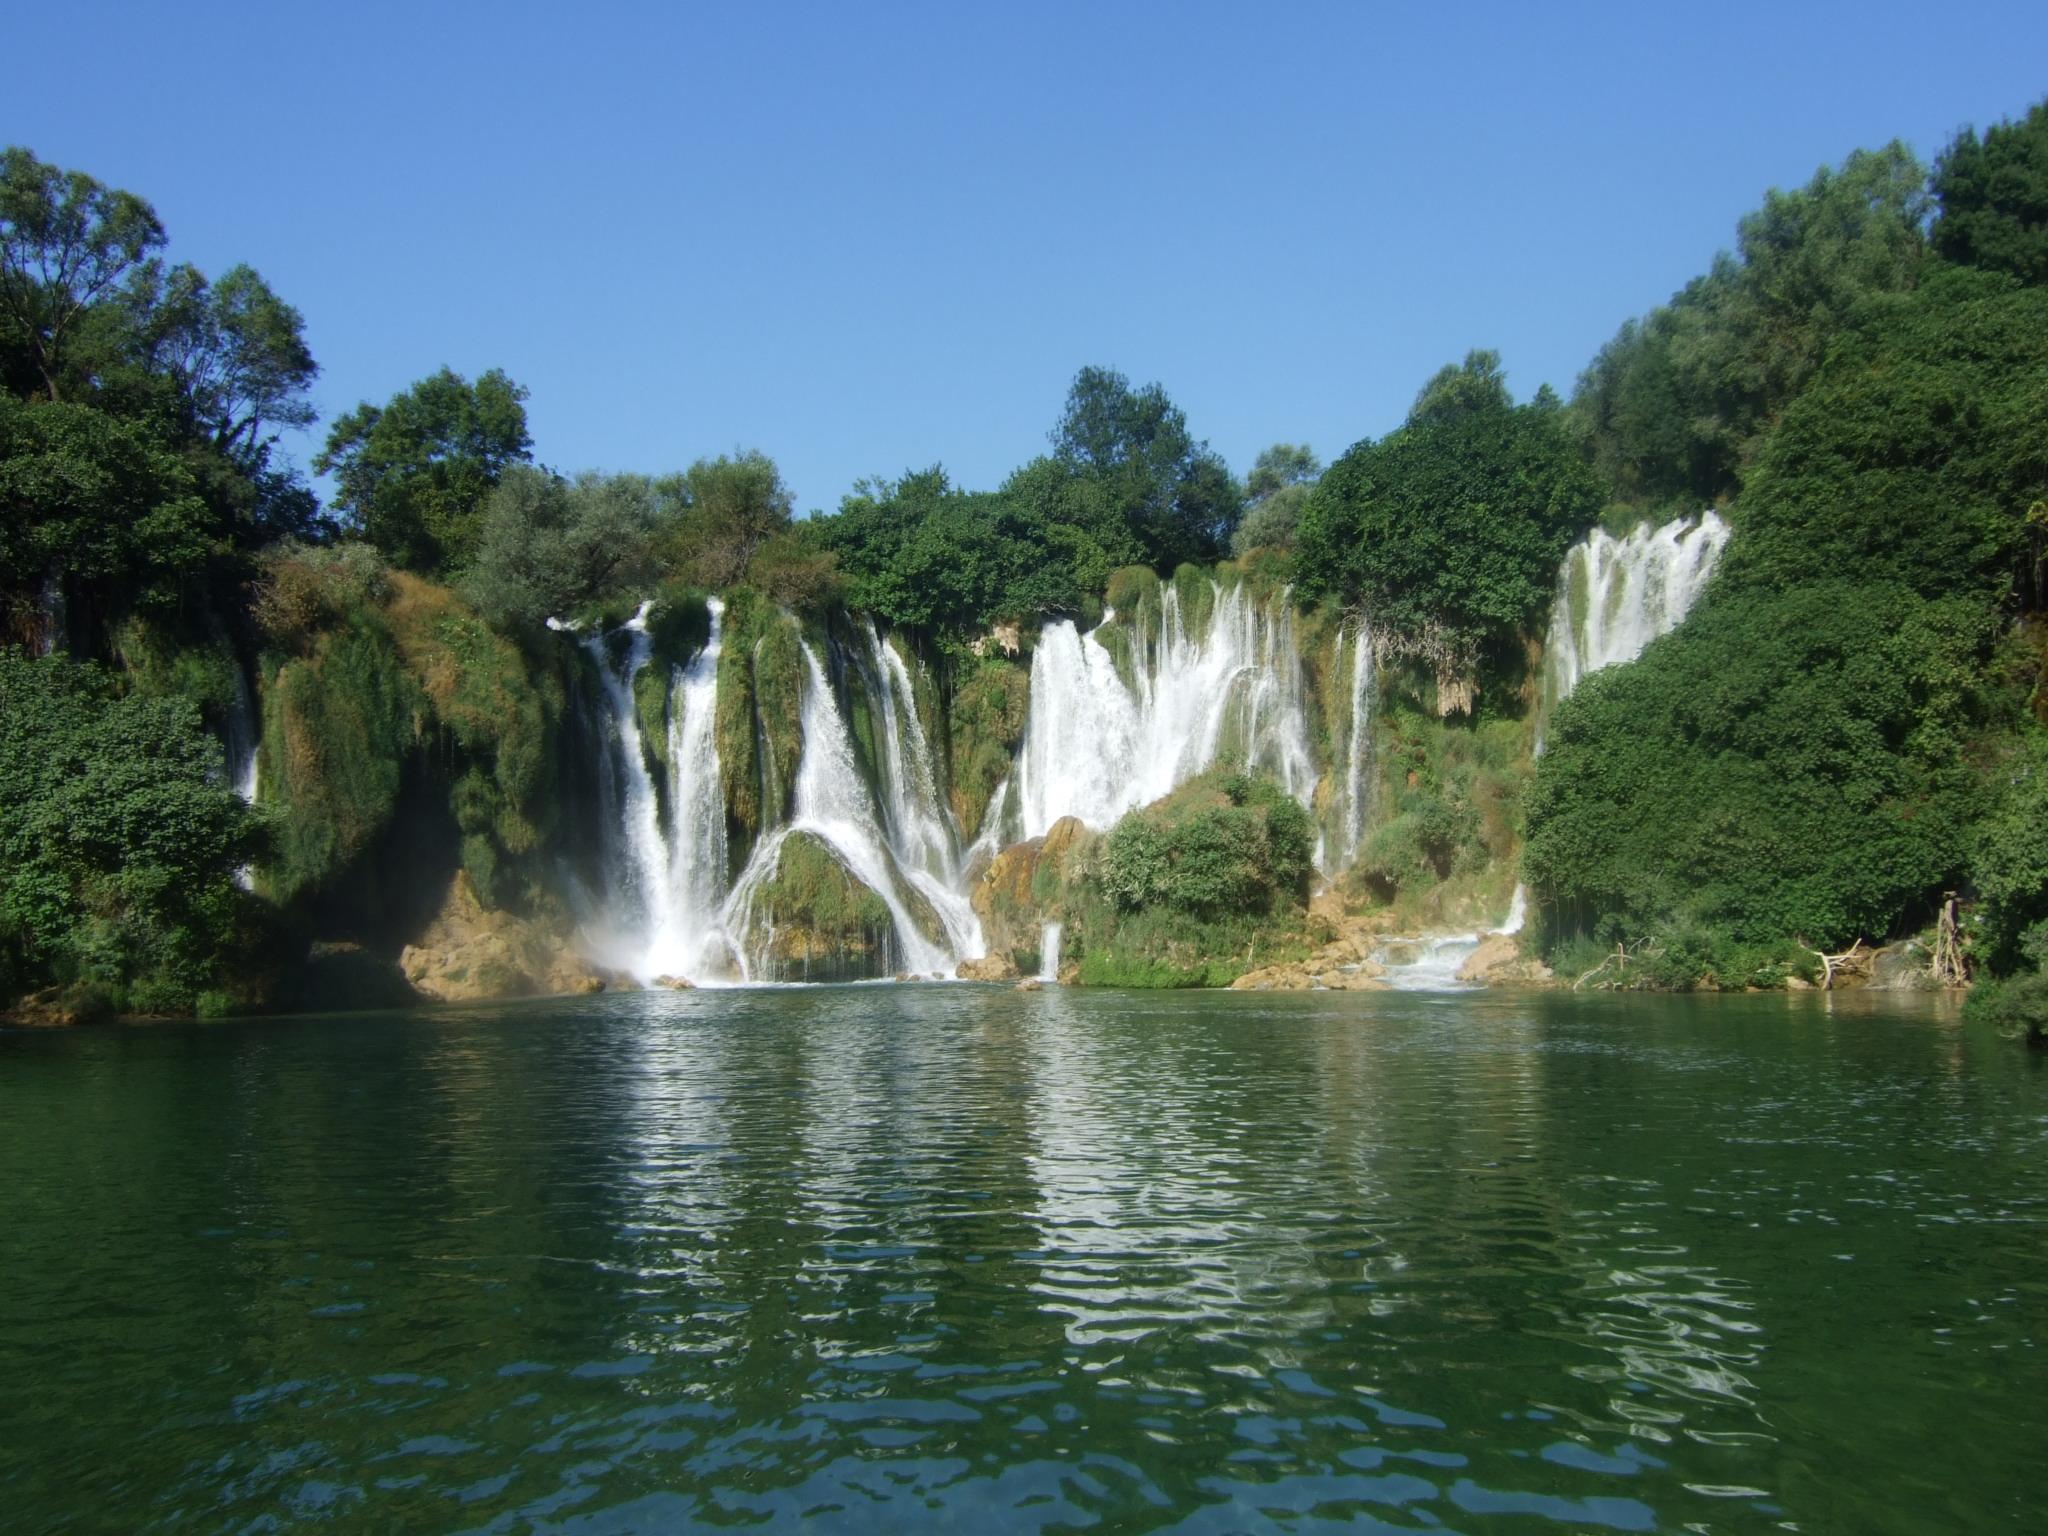 Kravice : lac et parc naturel de chutes en Bosnie-Herzégovine 23